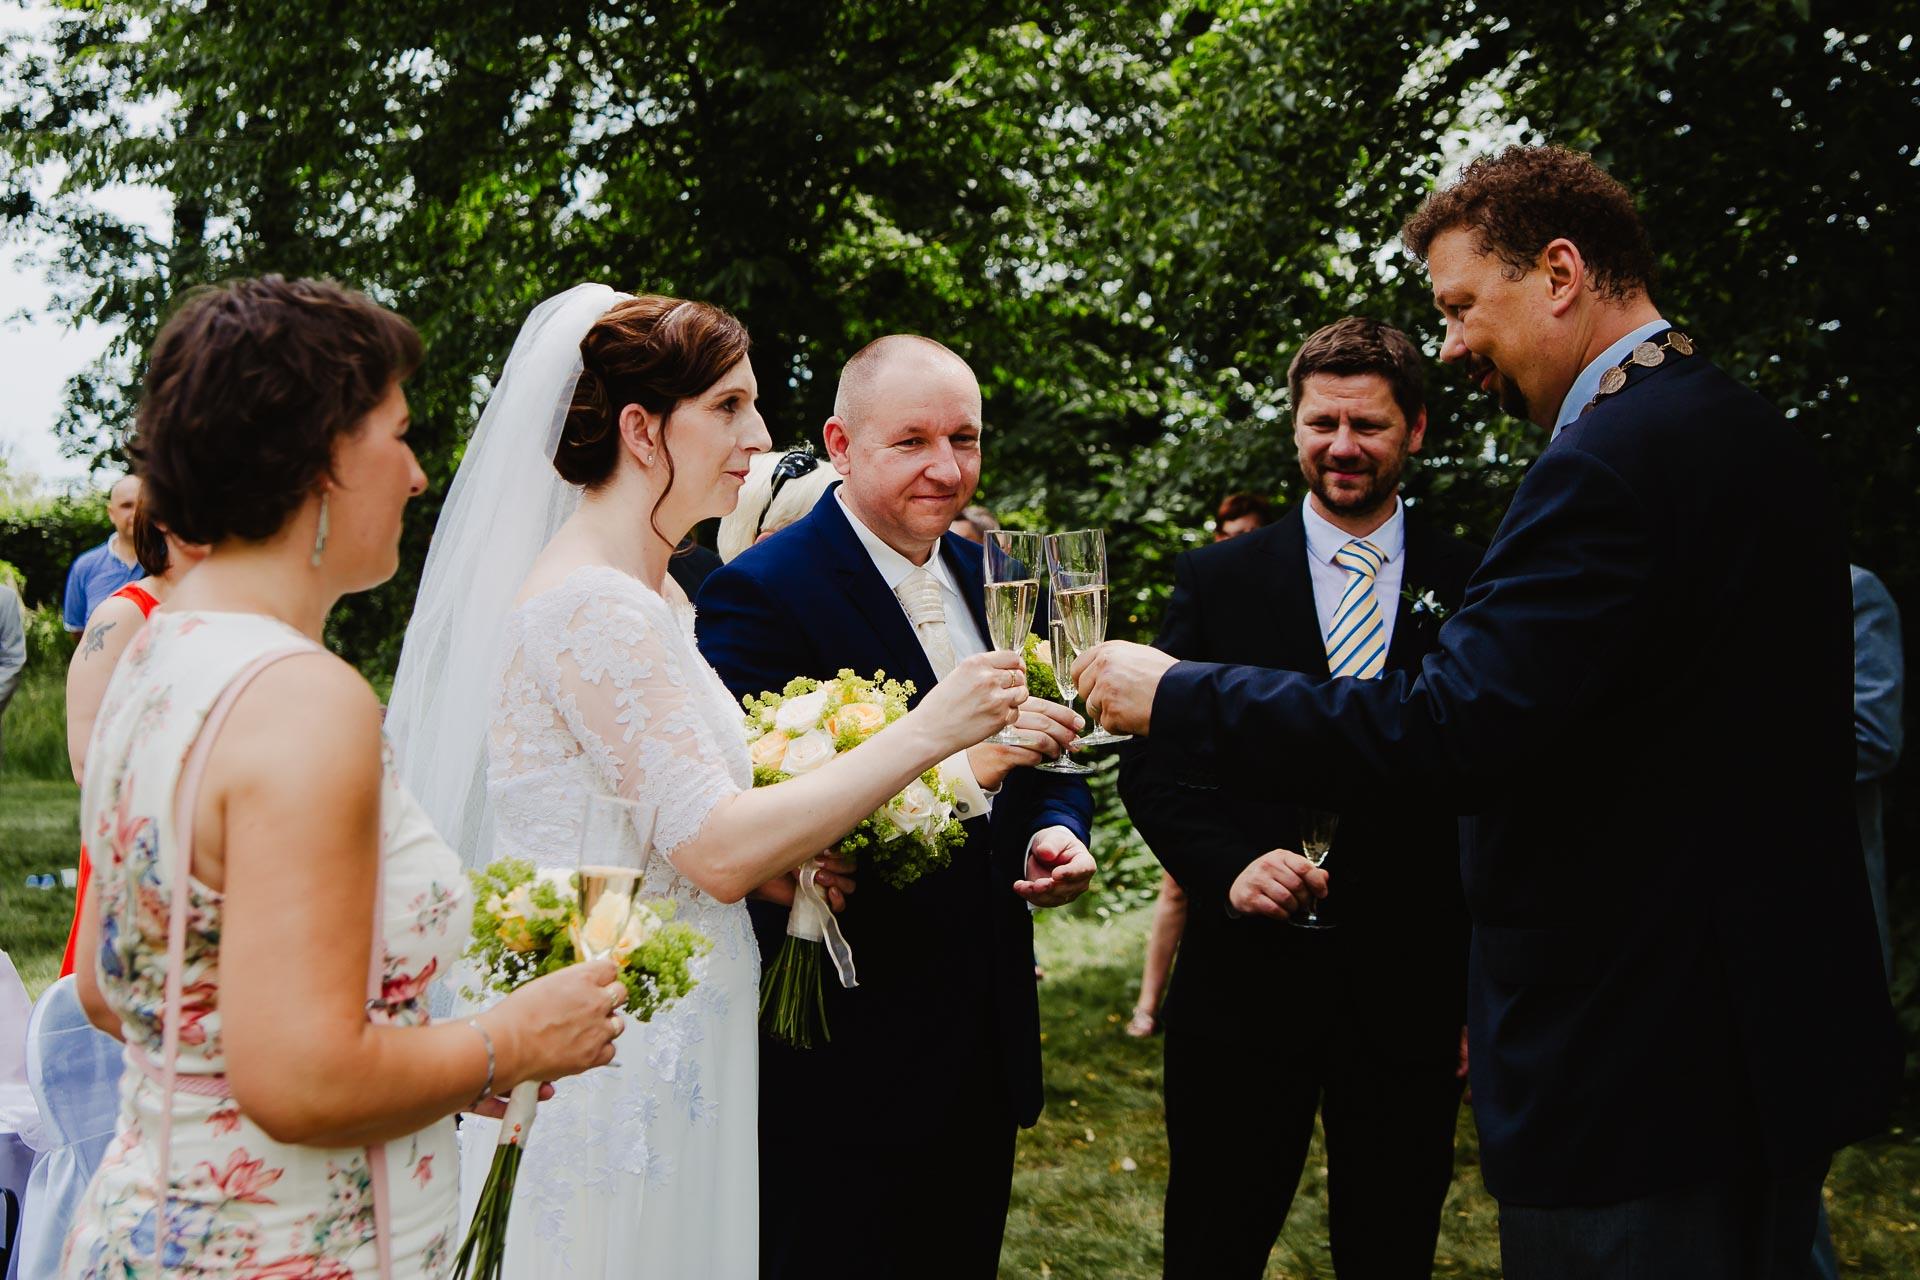 příprava-svatebního-obřadu-Lysá-nad-Labem-svatební-agentura-Svatbavenku-9245